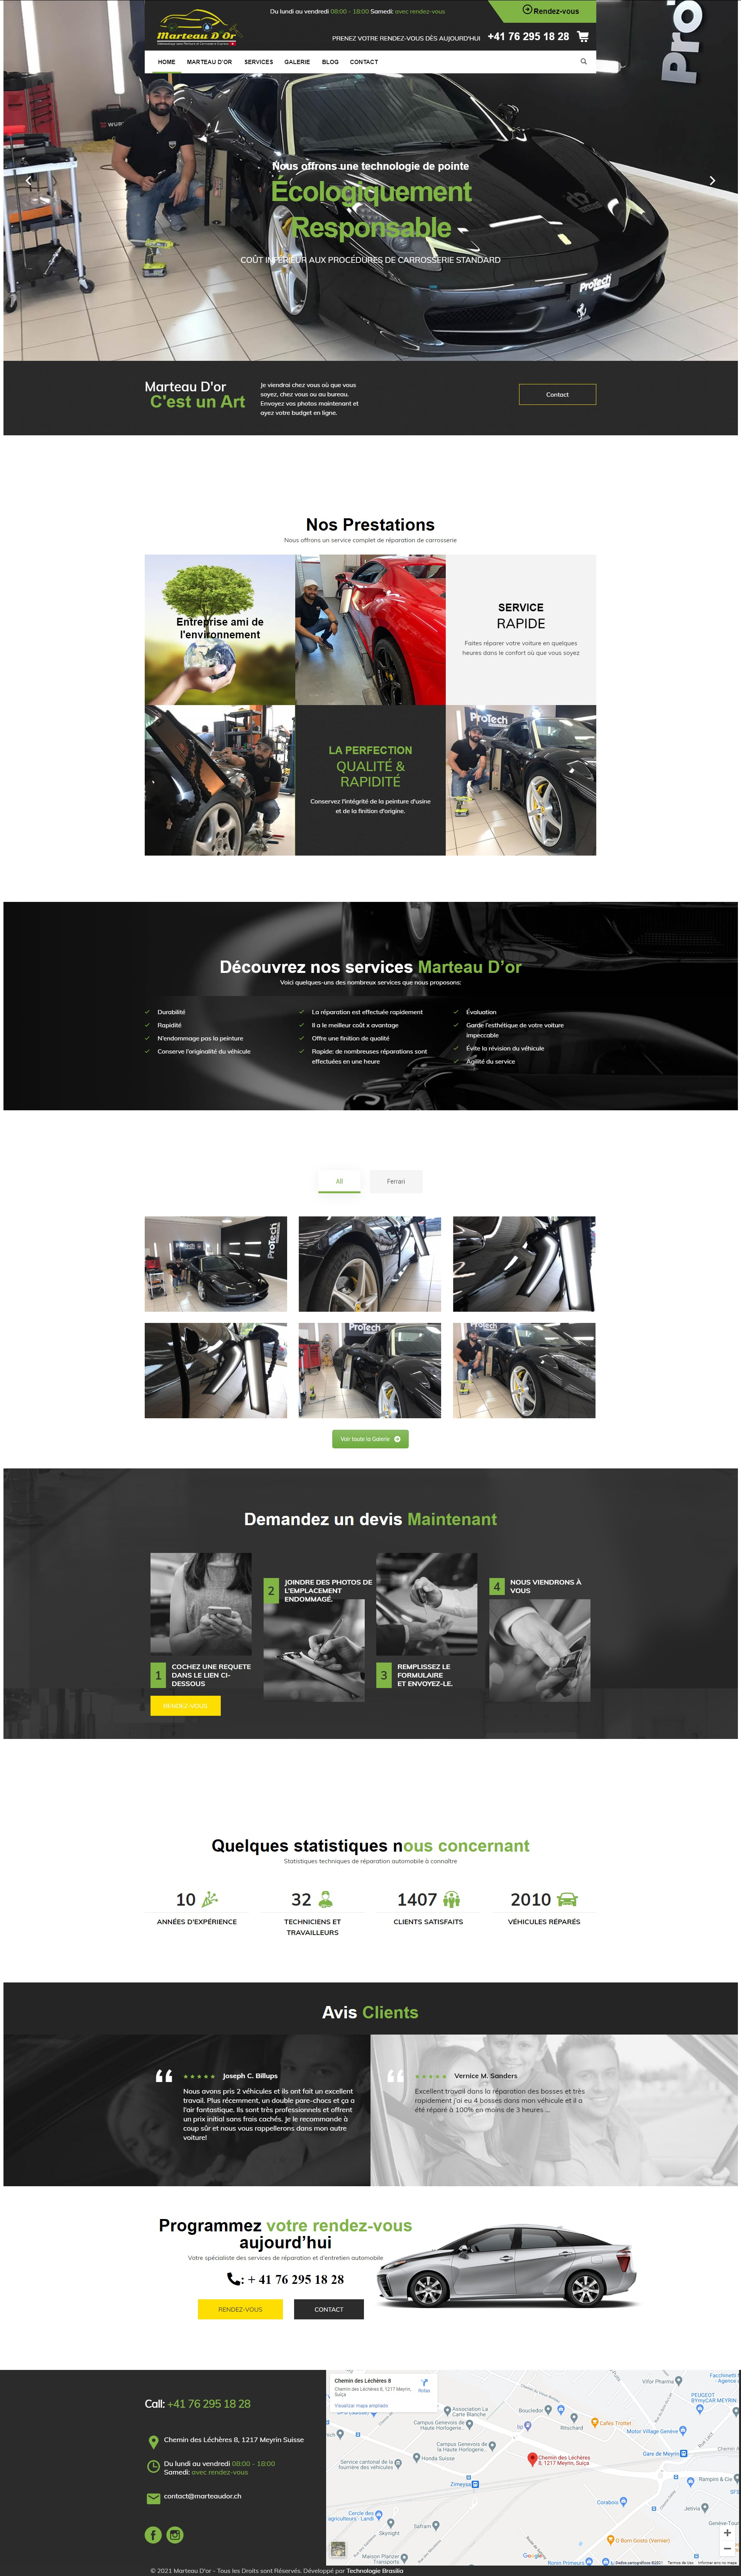 marteaudor.ch-tecnologia-desenvolvimento-sites-websites-suporte-seo-hospedagem-ead-2-plataforma-ensino-a-distancia-suica-europa-portugal-lisboa-porto